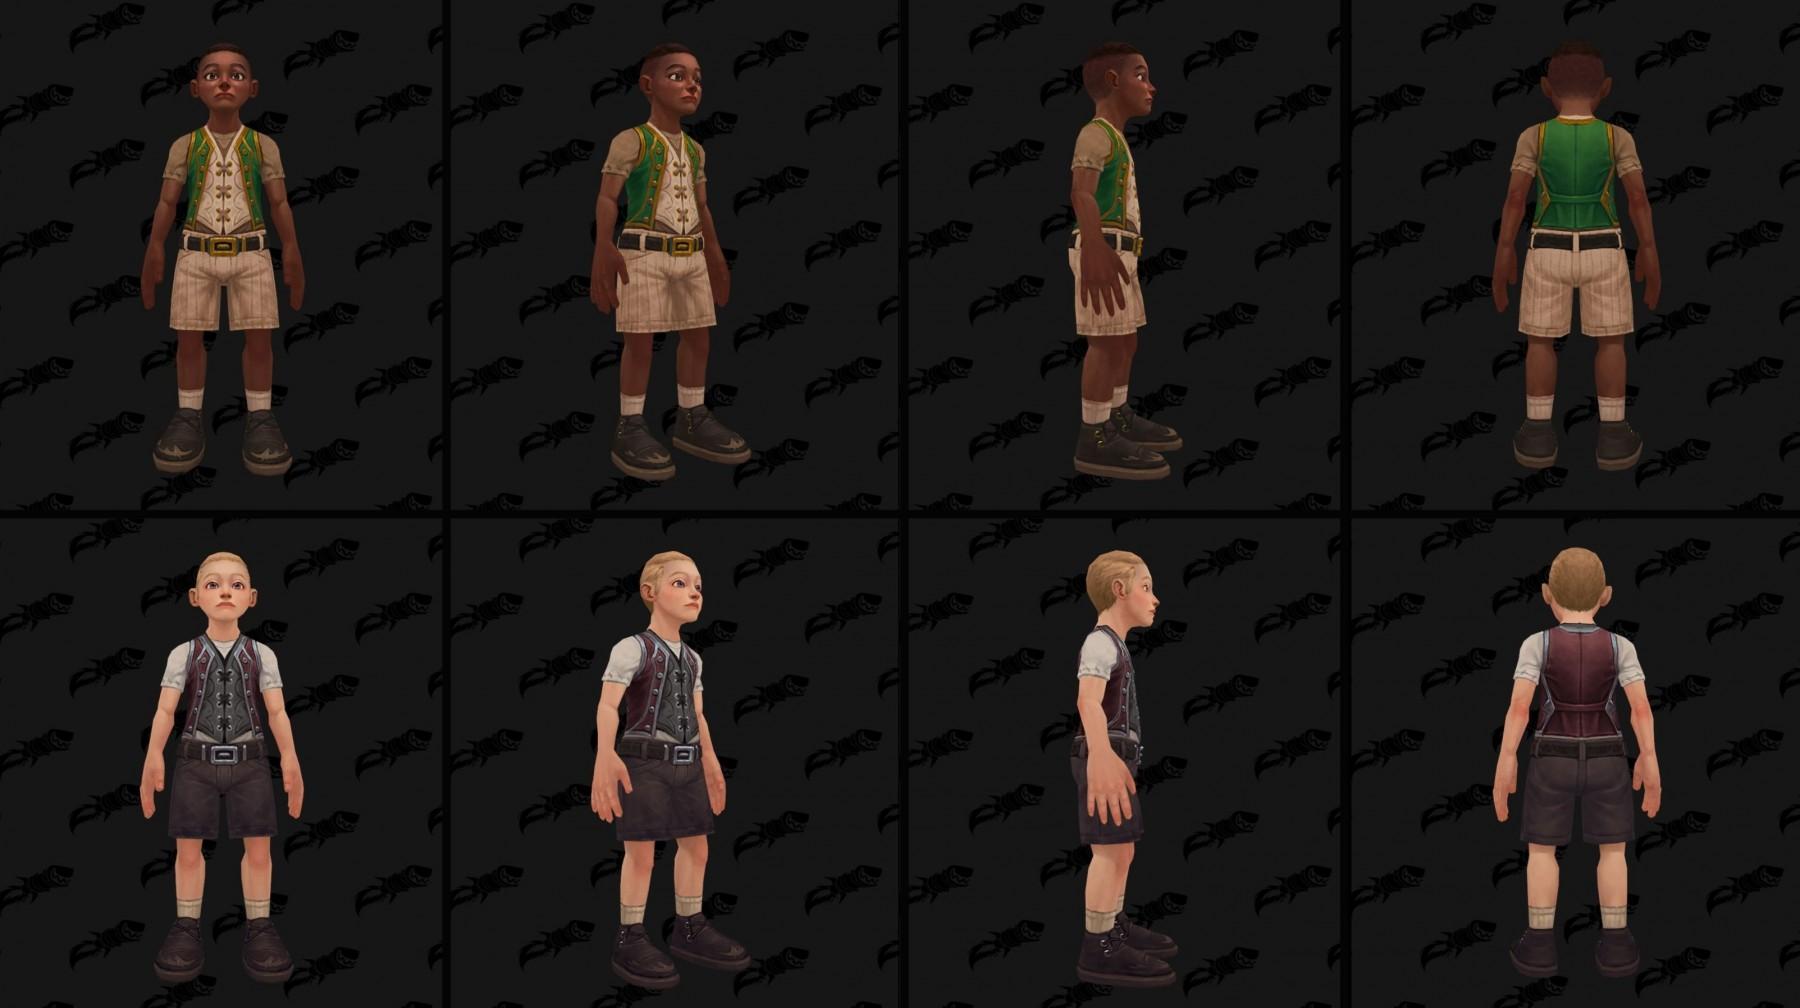 Refonte du modèle pour l'enfant humain (garçon) à Battle for Azeroth